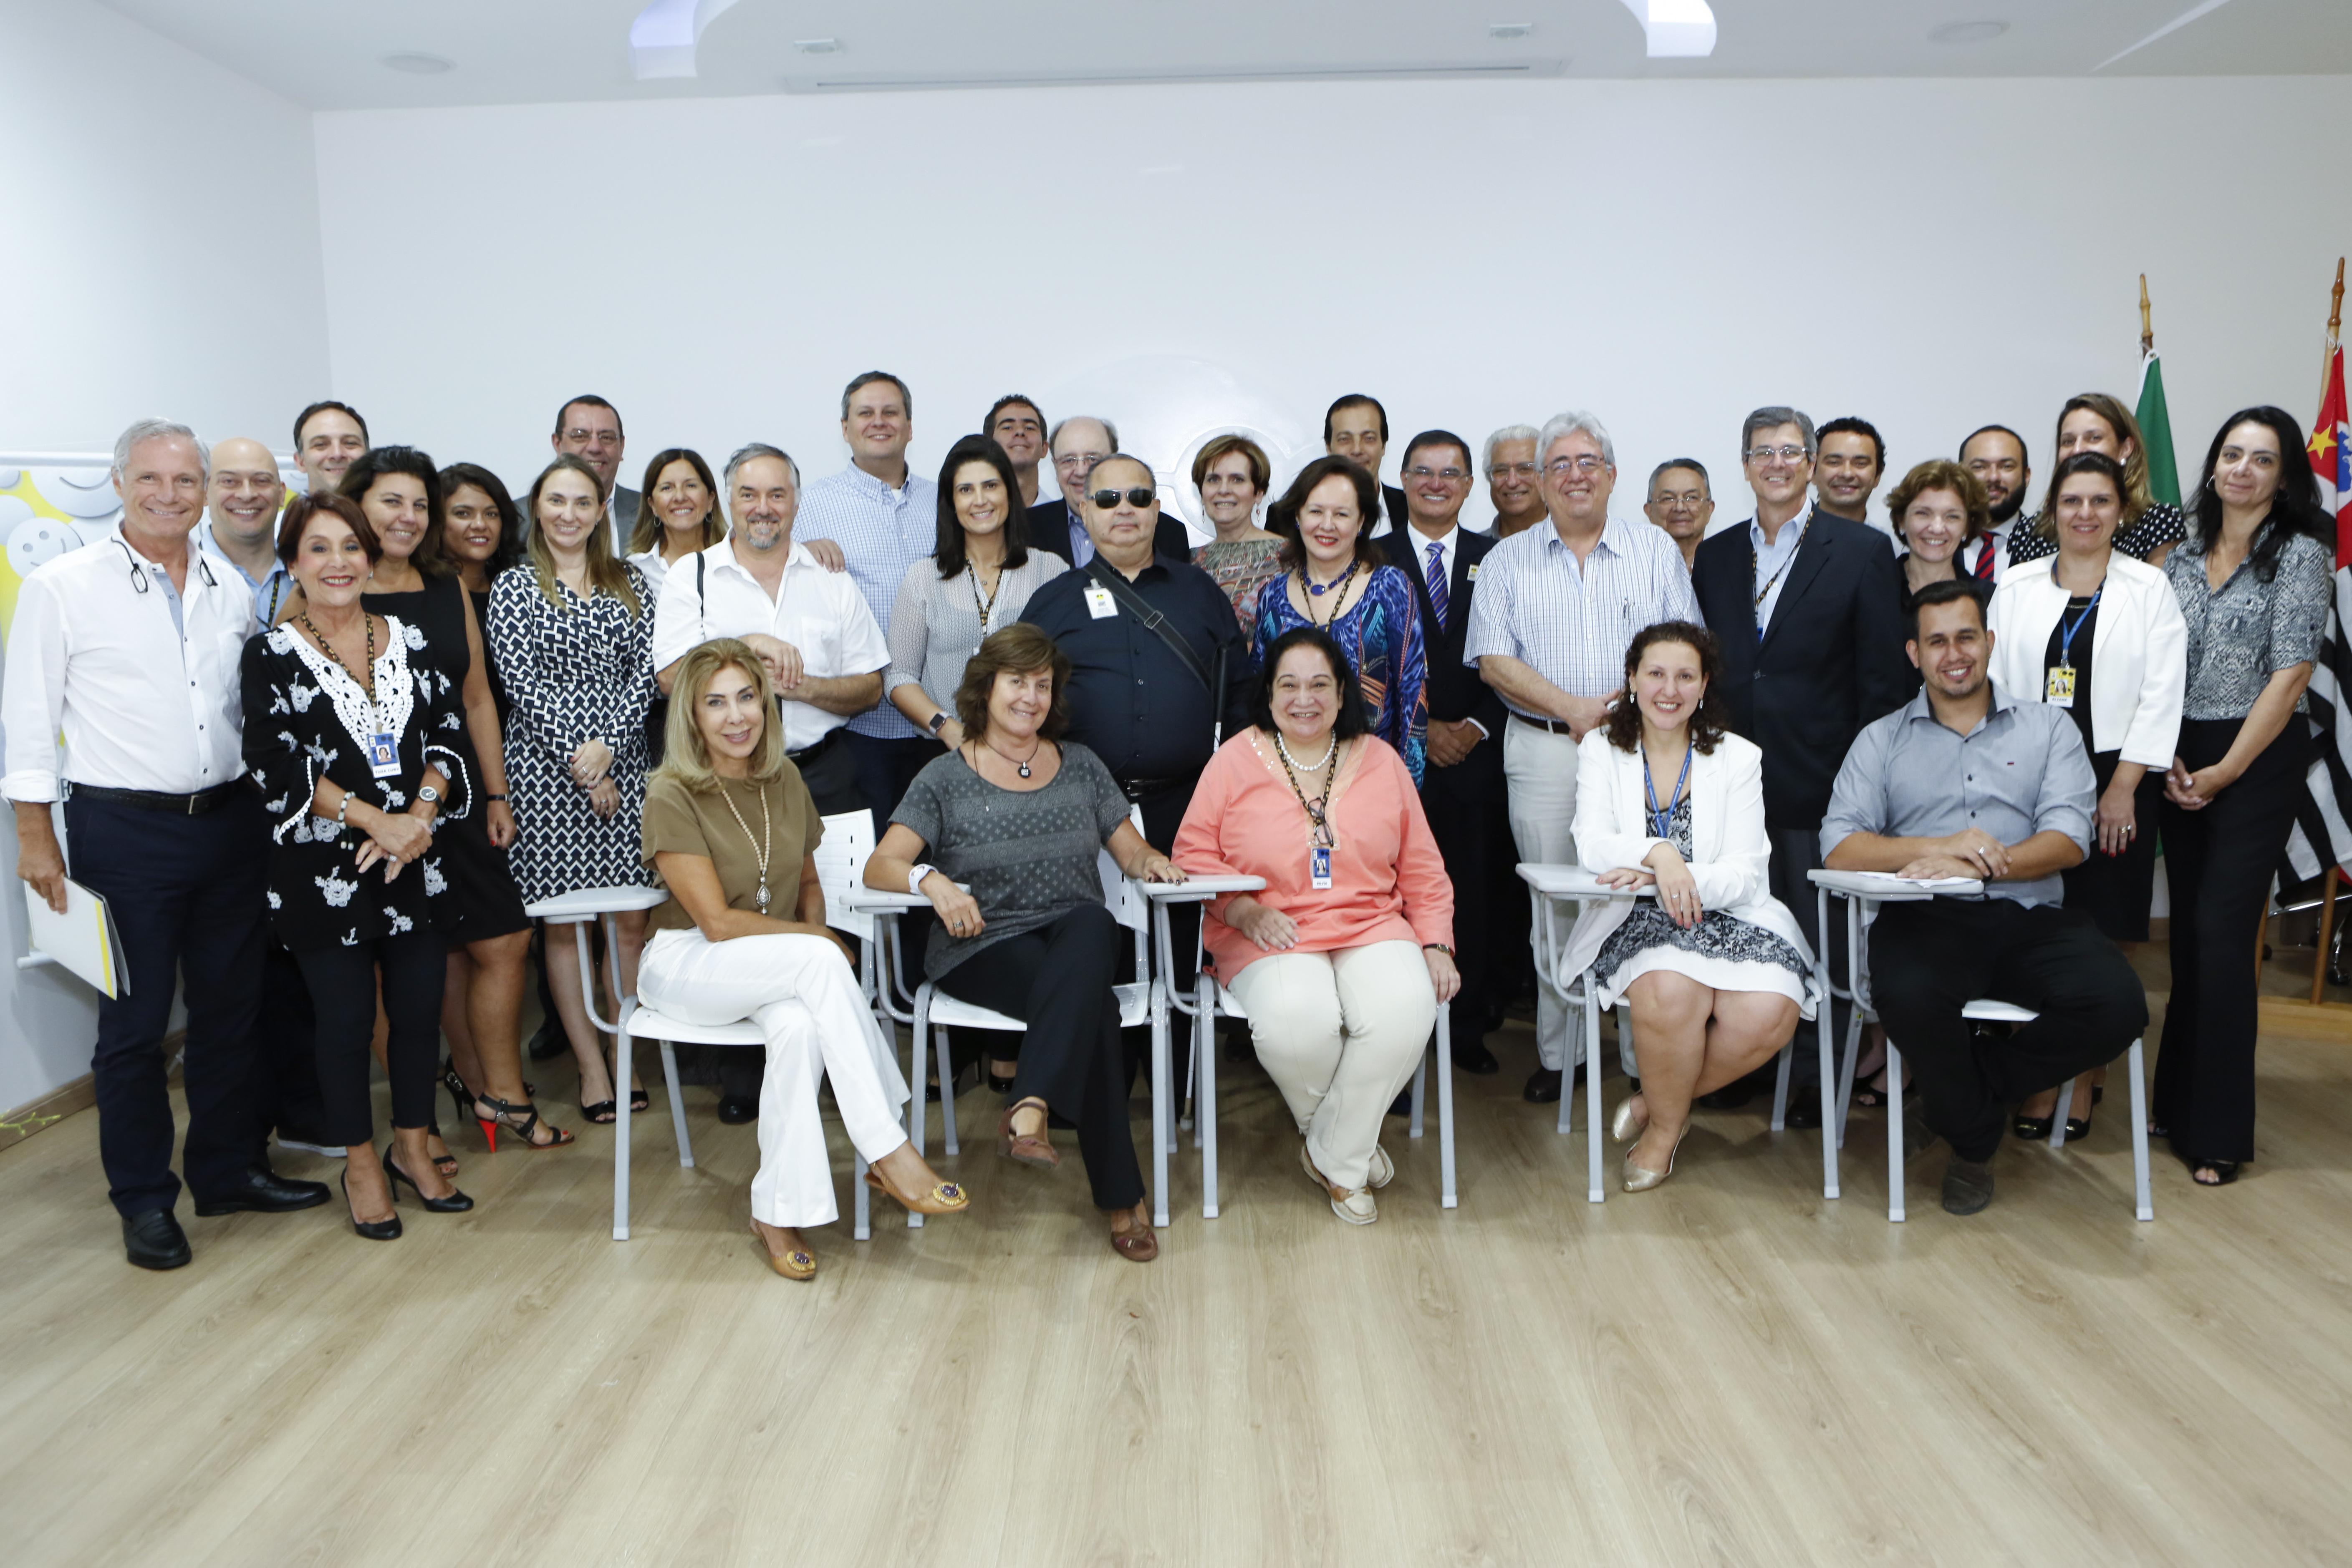 Foto de Ika Fleury com conselheiros e gestores na auditória da Fundação.